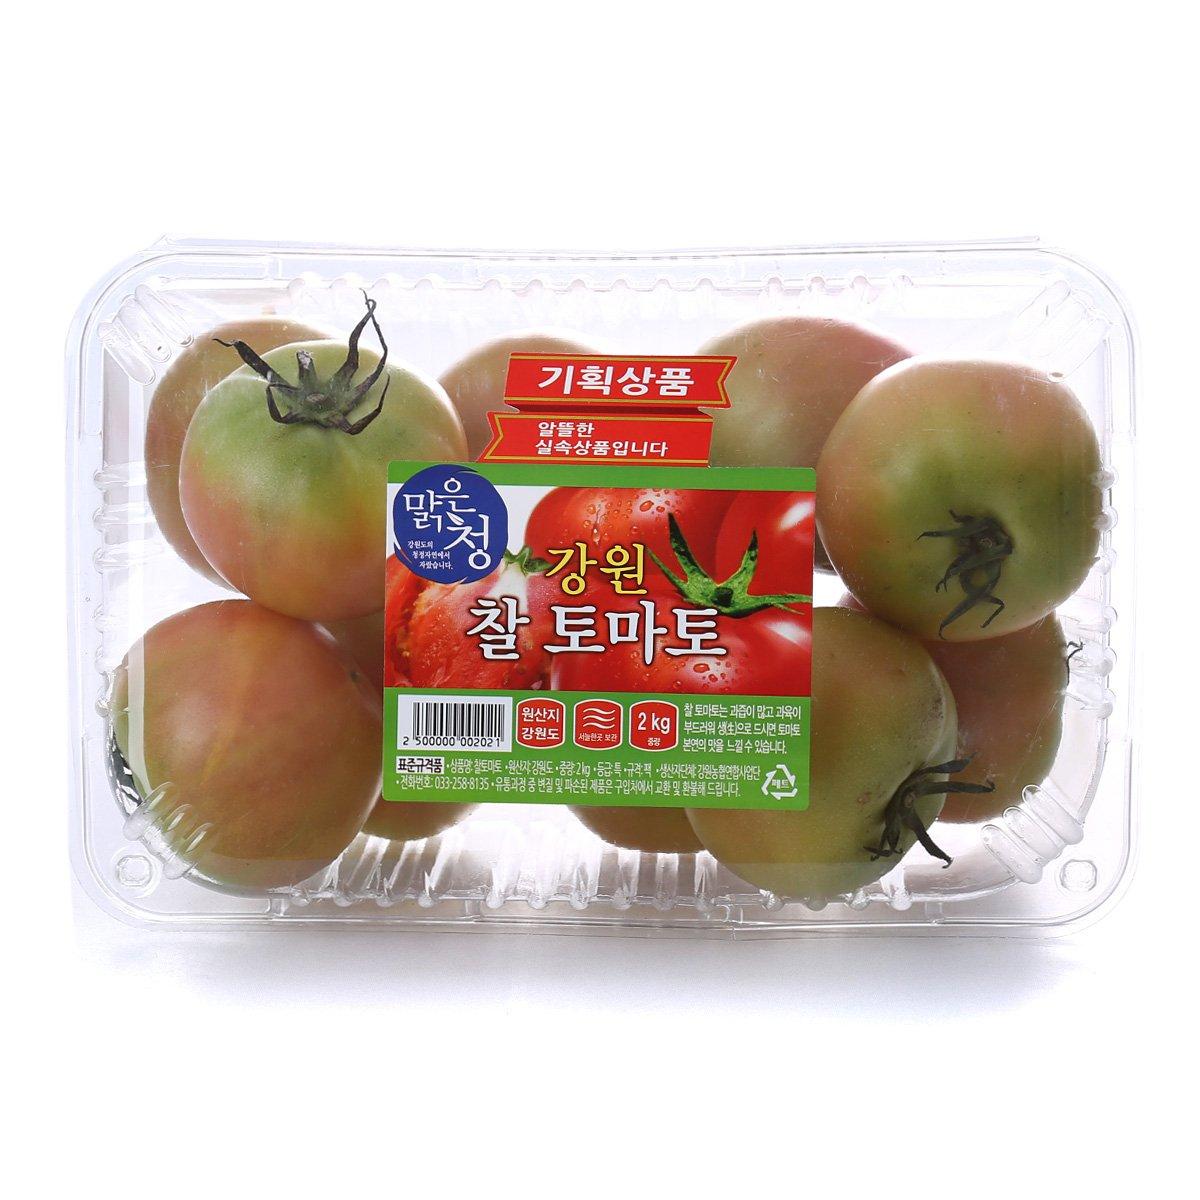 [국내산] 강원 찰토마토 2kg/팩